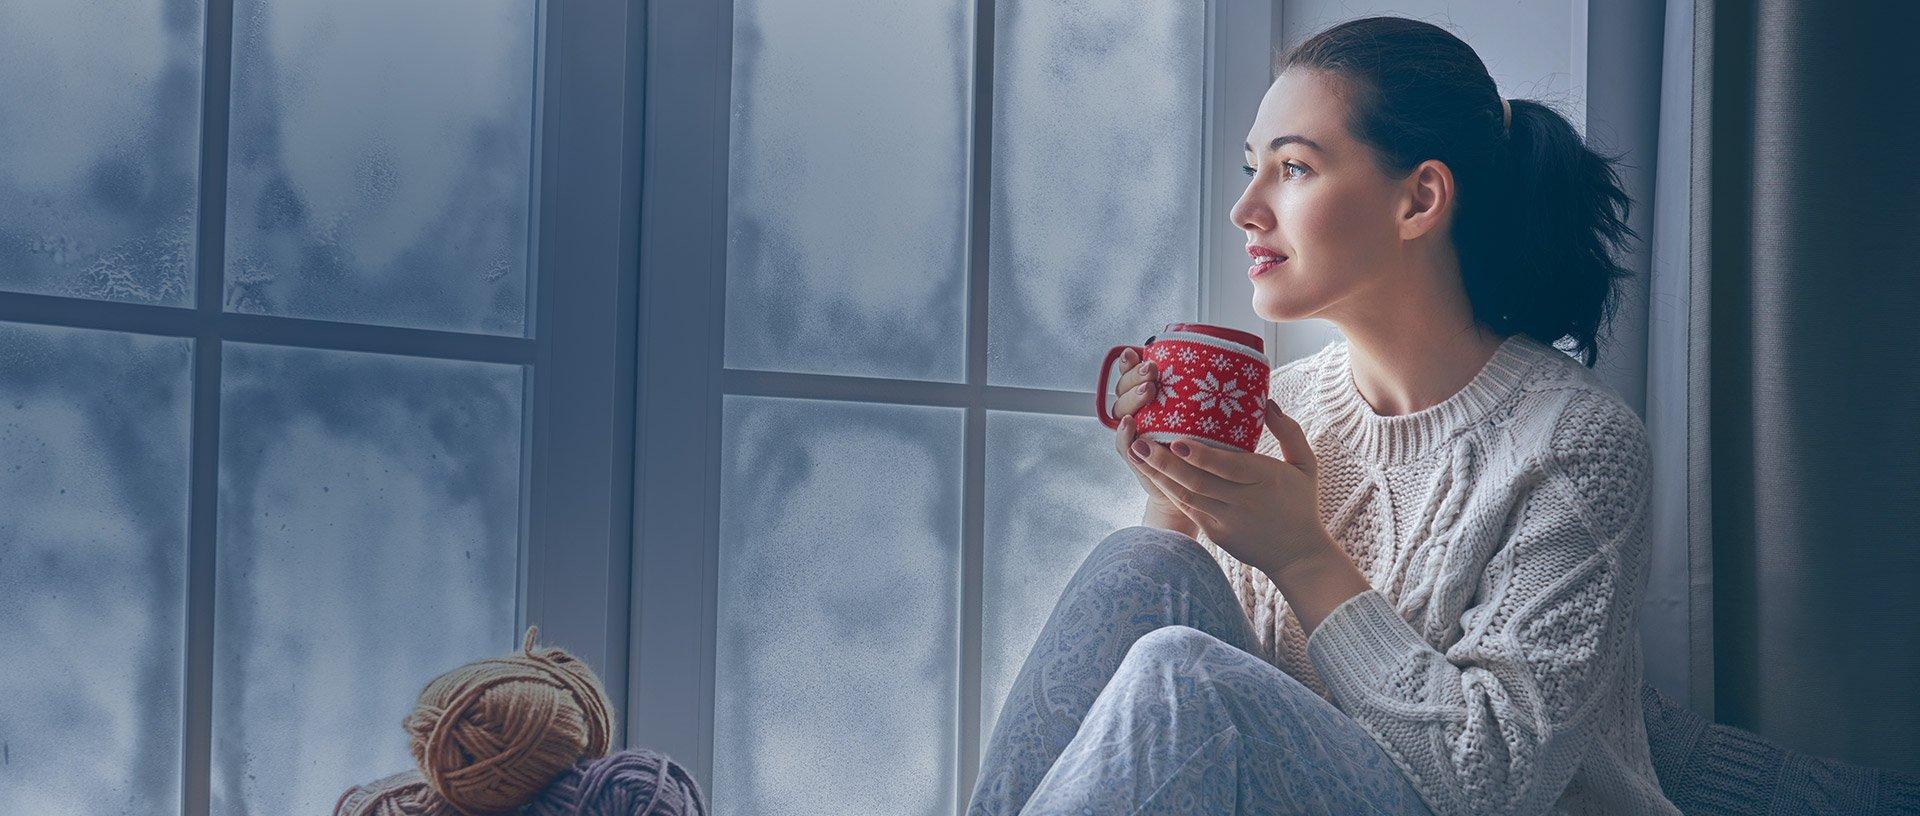 «Теплые окна» в Днепре помогут достижению вашей мечты - чувство комфорта в своем доме